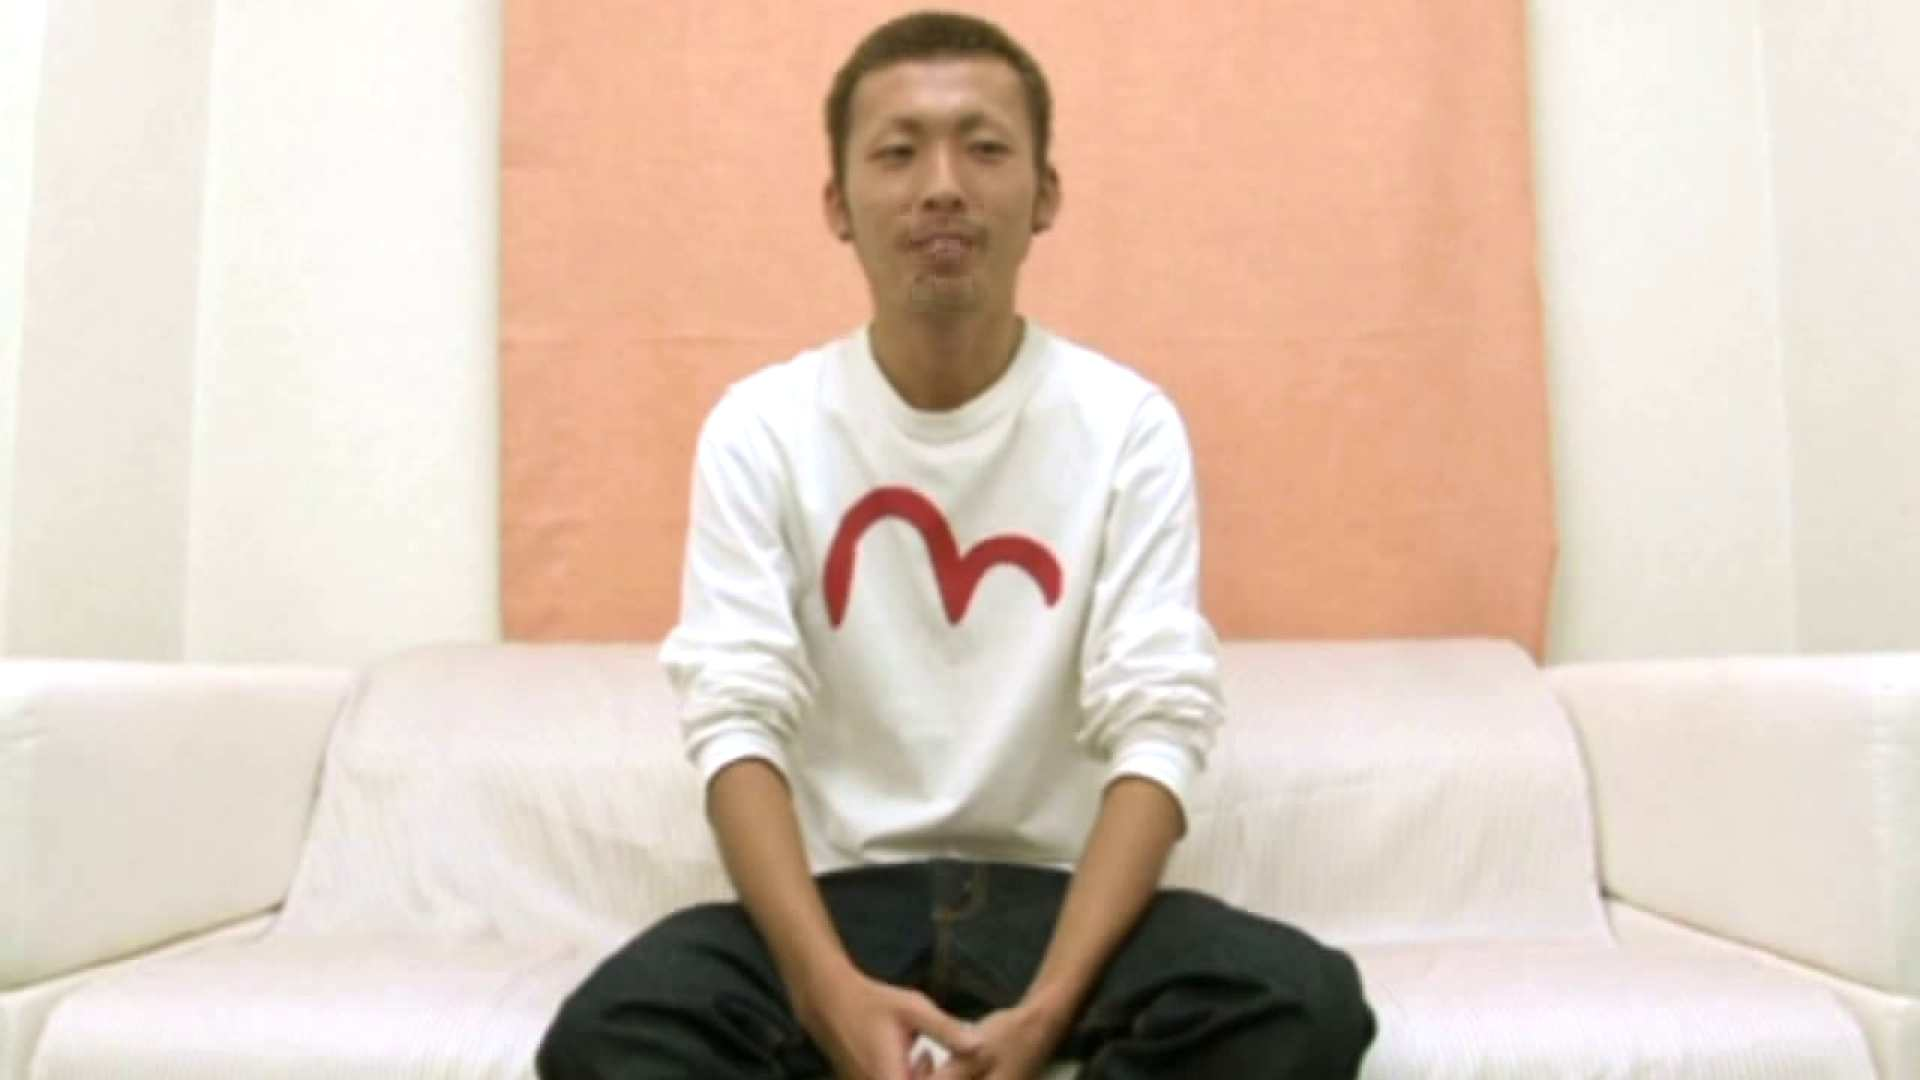 ノンケ!自慰スタジオ No.11 ノンケ達のセックス ゲイエロ動画 59画像 17